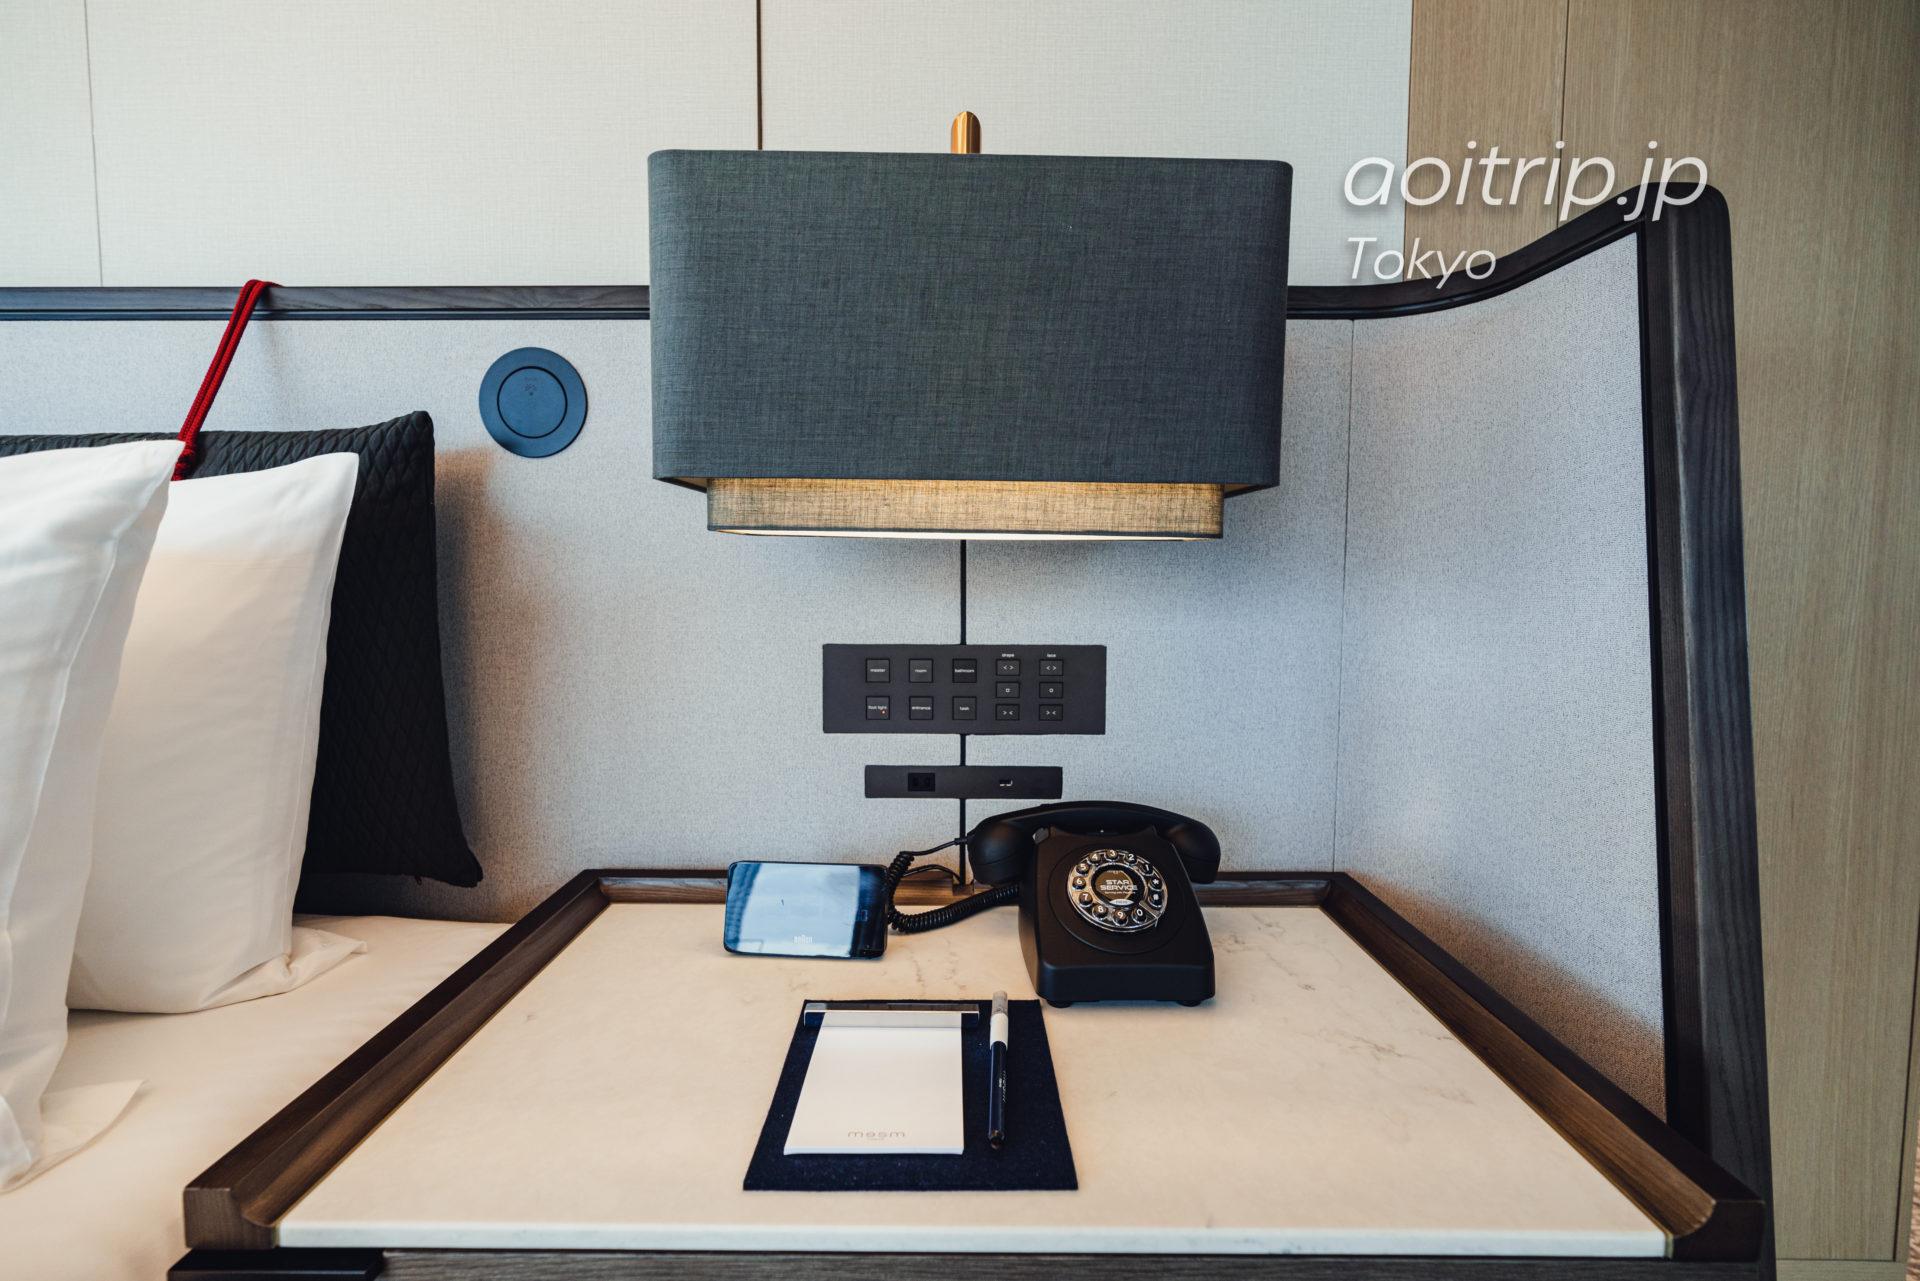 メズム東京 オートグラフコレクション mesm Tokyo, Autograph Collection スイート客室のベッドルーム